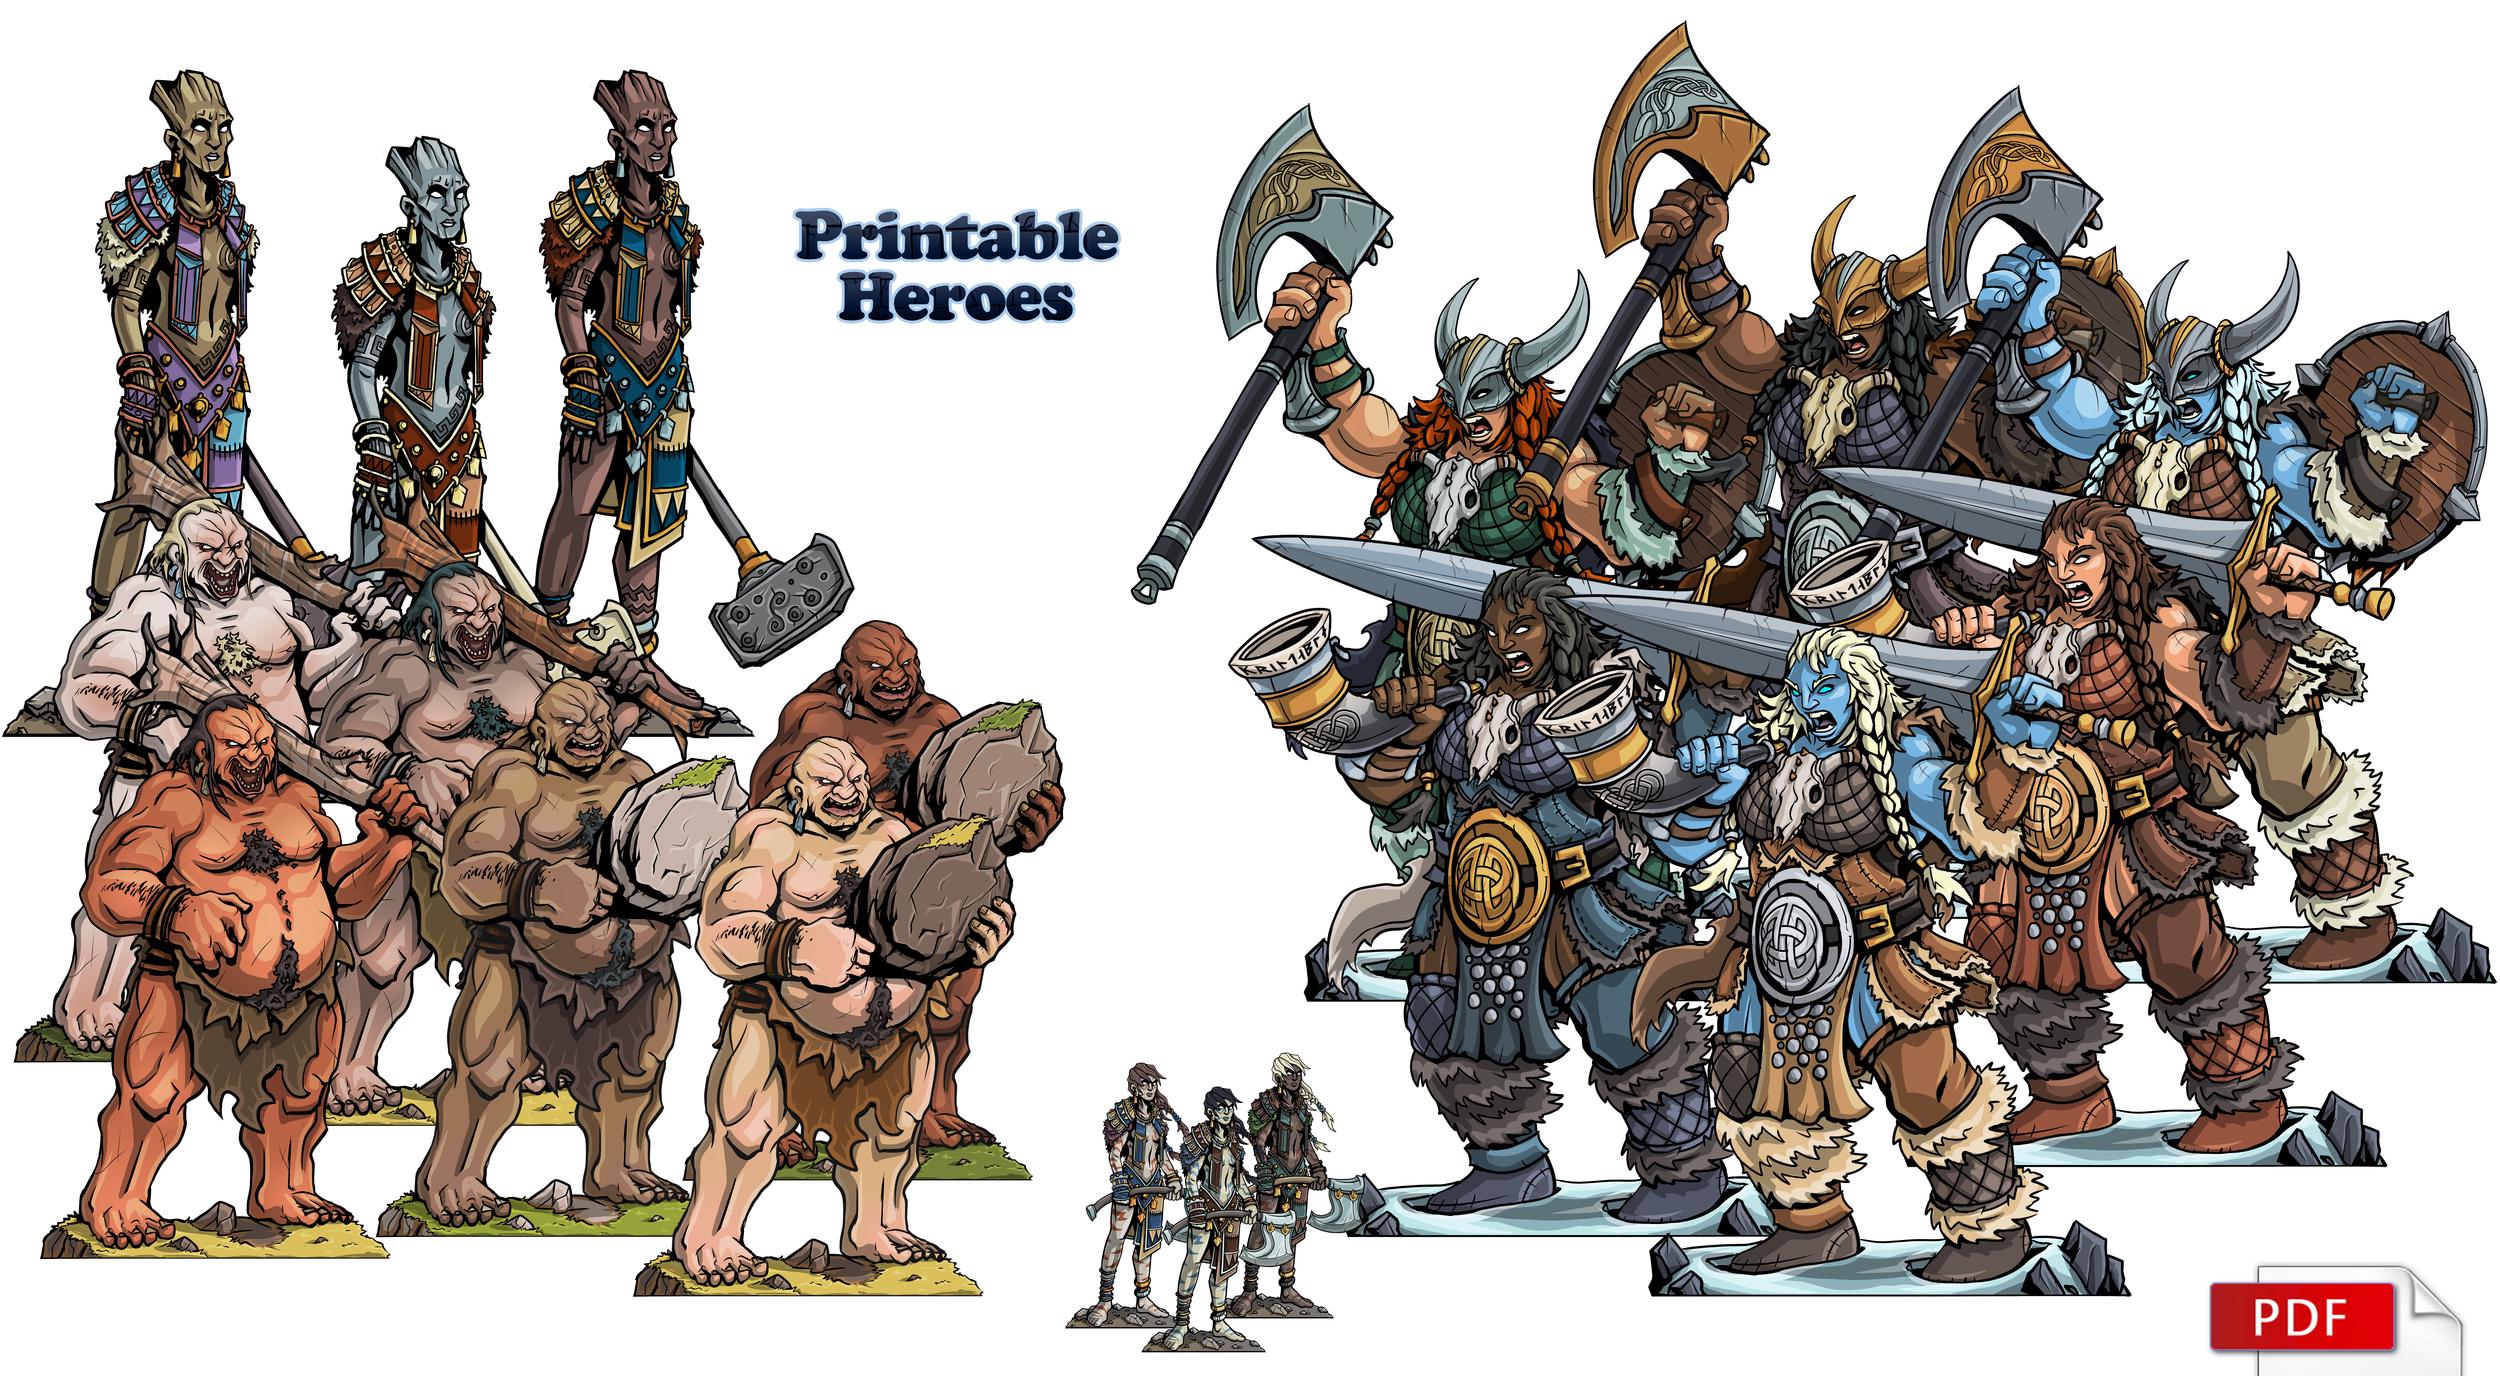 photo regarding Printable Heroes Pdf referred to as August 2016 Printable Heroes Minifigure Mounted JPs Creations